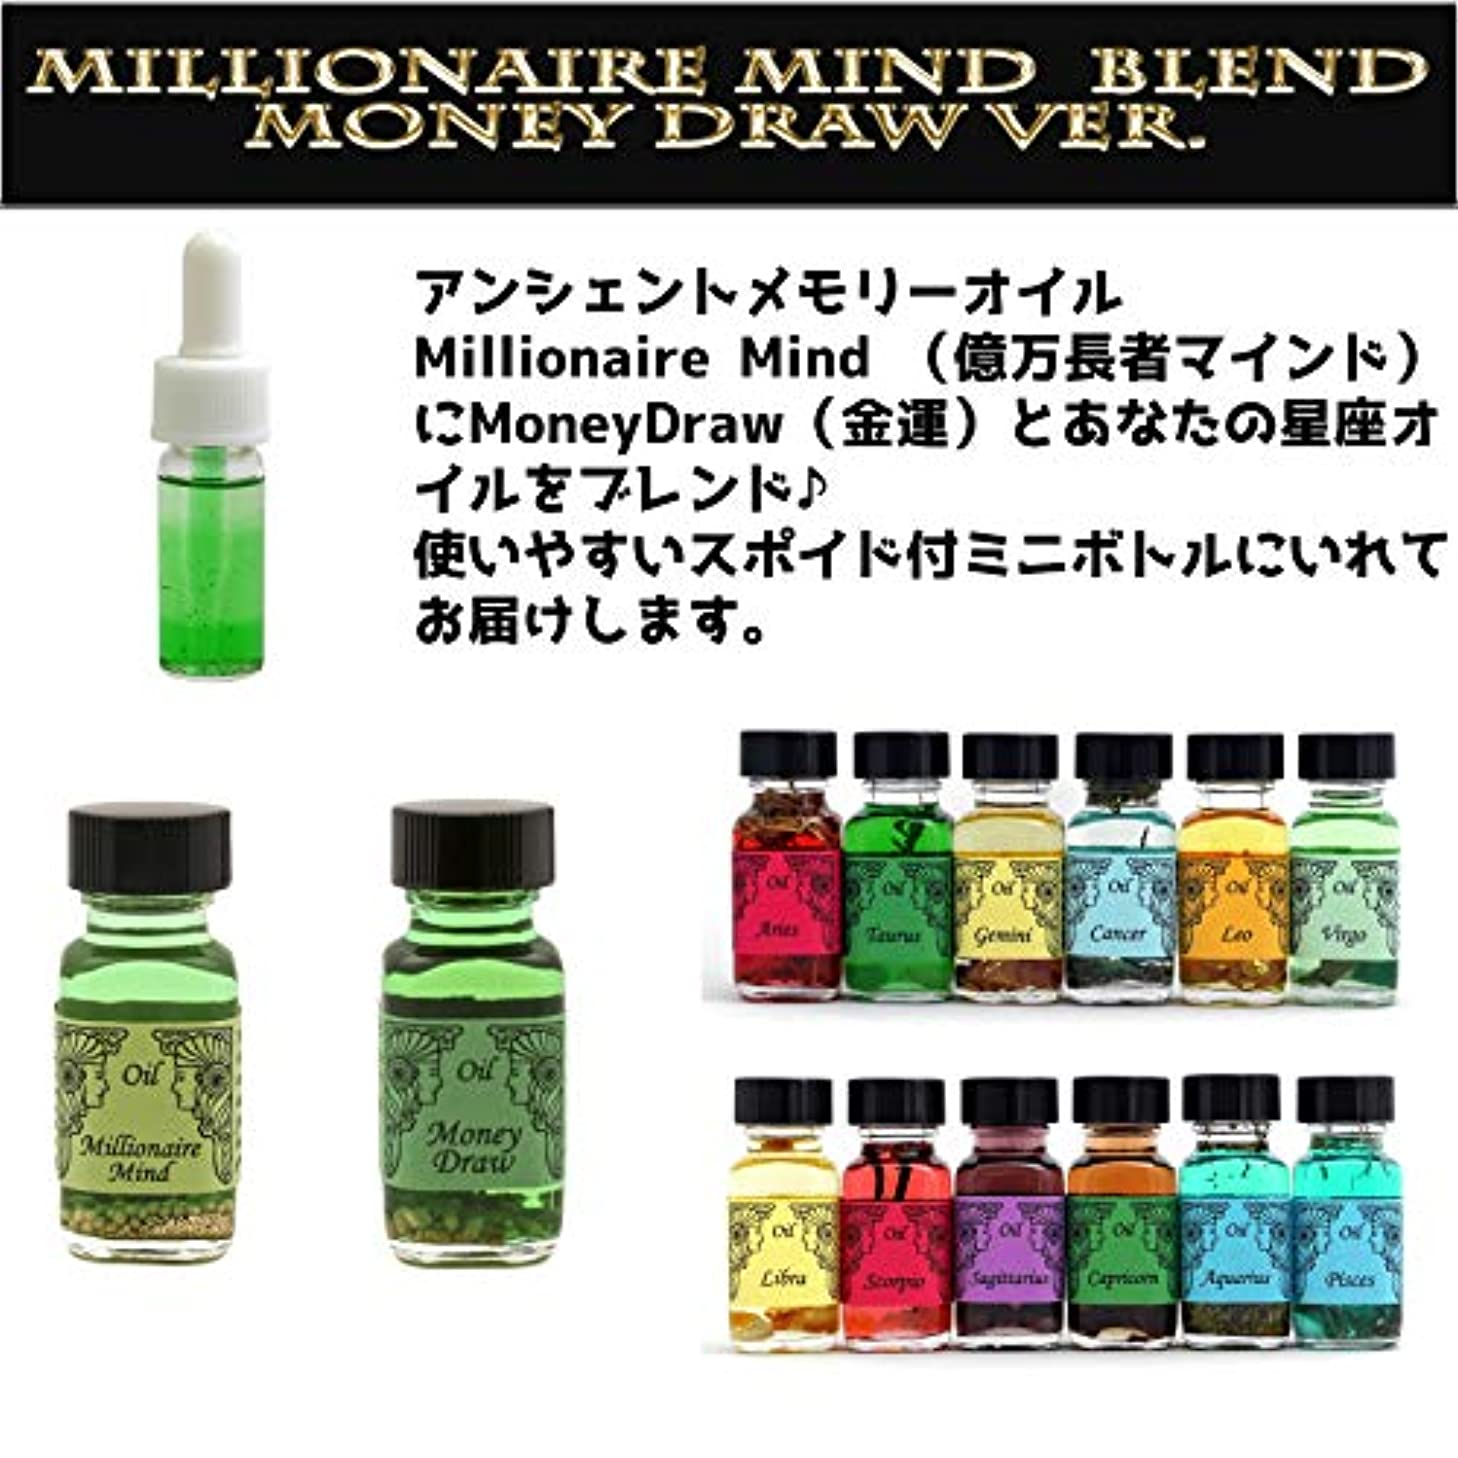 ソース噴火移行アンシェントメモリーオイル Millionaire Mind 億万長者マインド ブレンド(Money Drawマネードロー(金運)&やぎ座